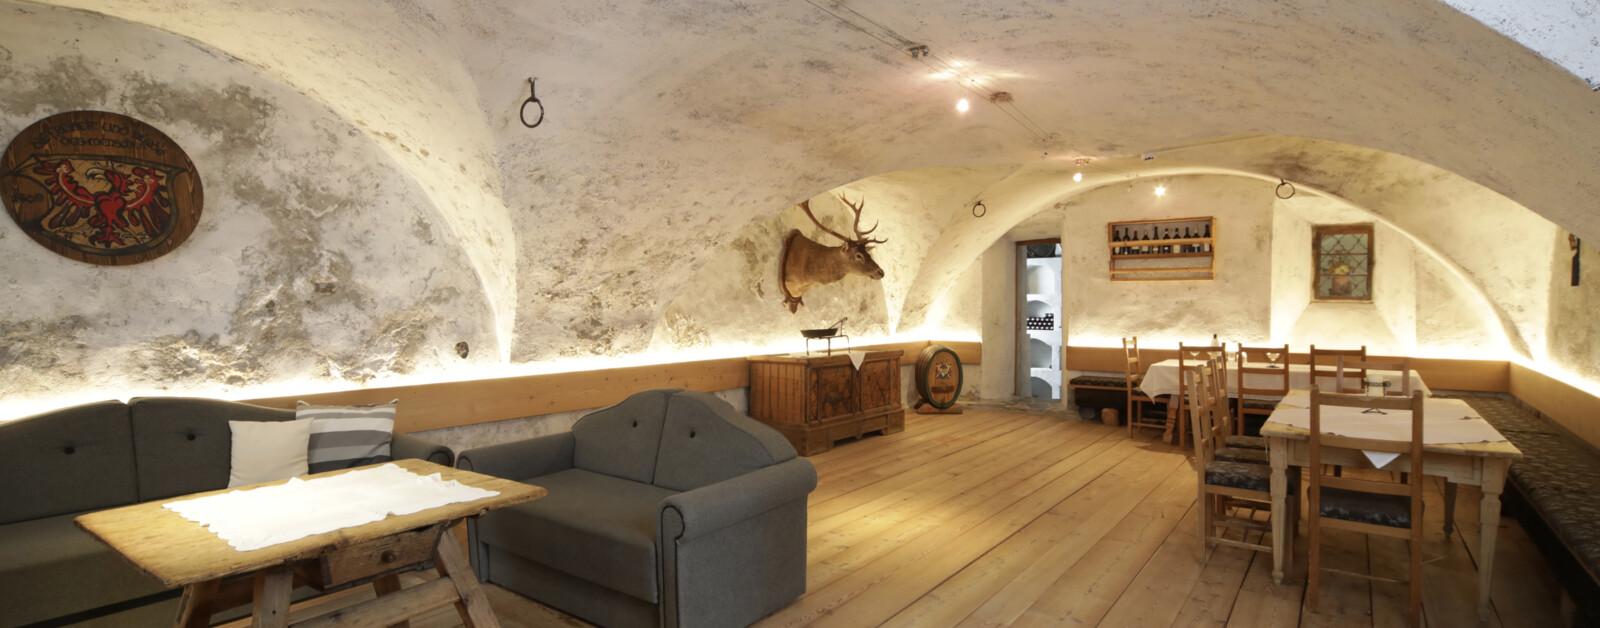 Der Gewölbekeller im Hotel Gasthof Unterwöger